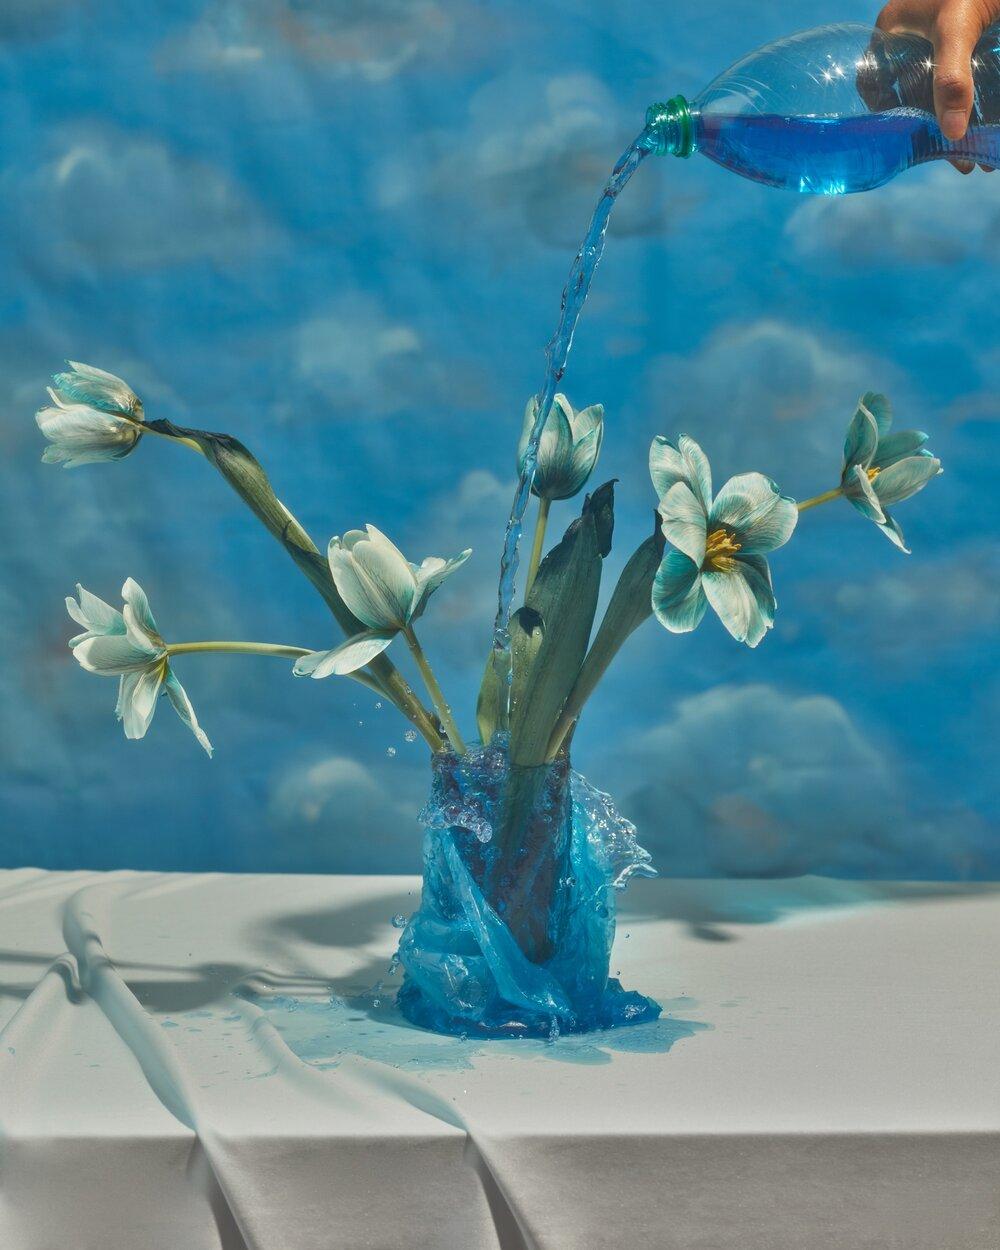 02162020-floral-beauty-test-chelsea-kyle22258